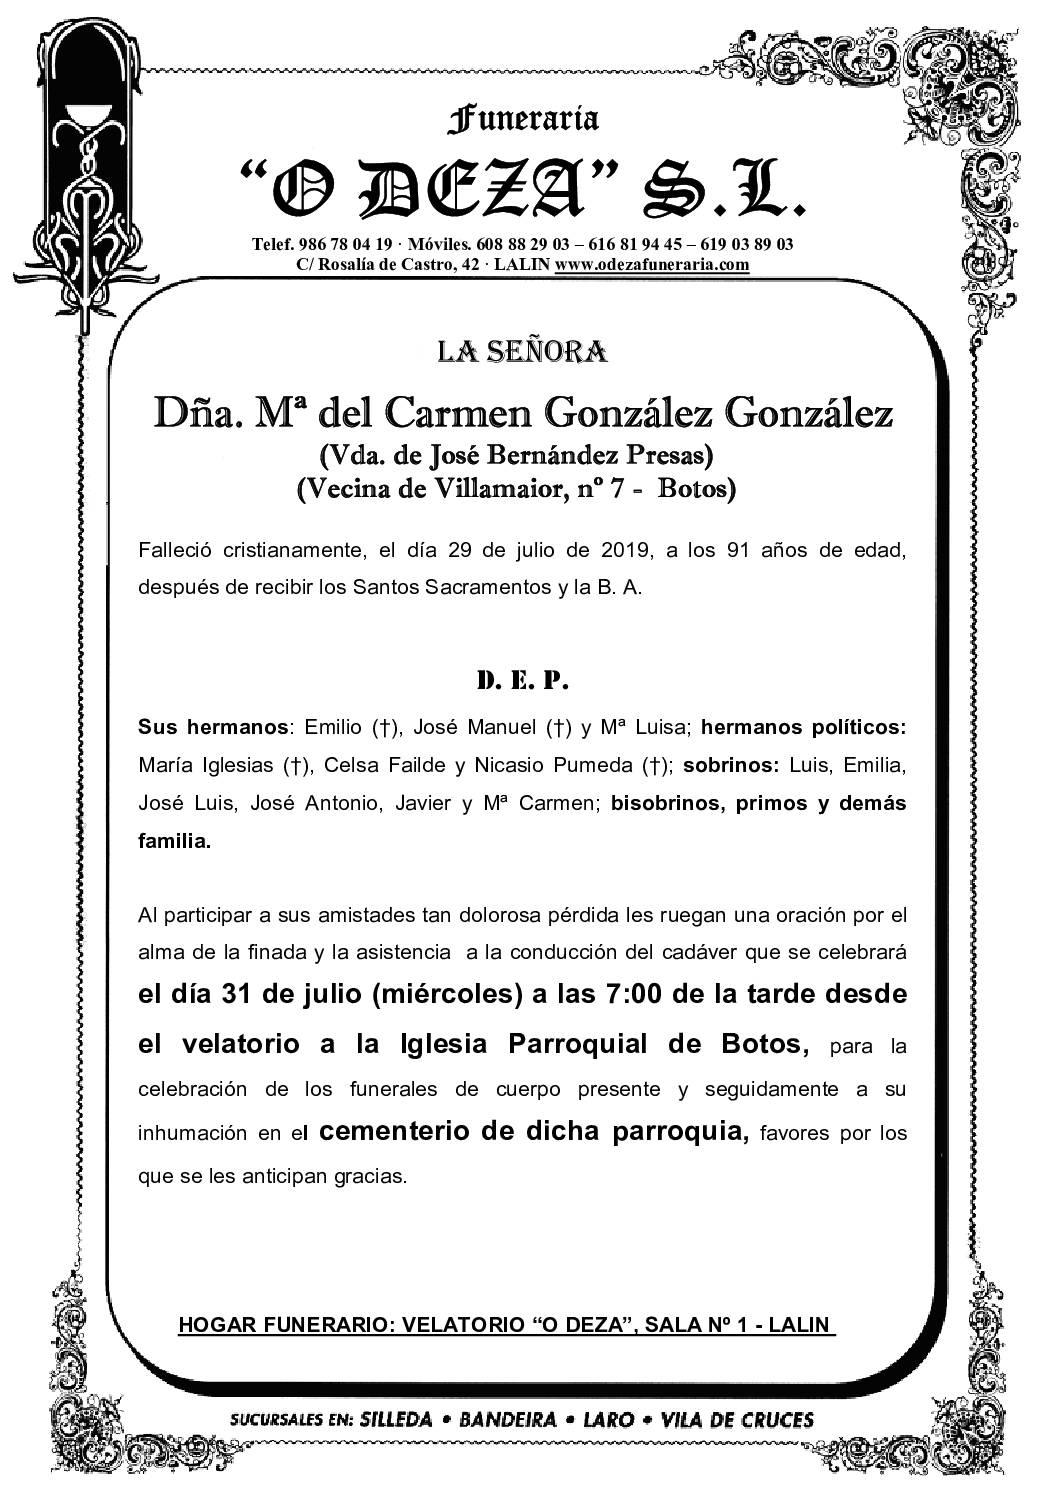 DÑA. Mª DEL CARMEN GONZÁLEZ GONZÁLEZ